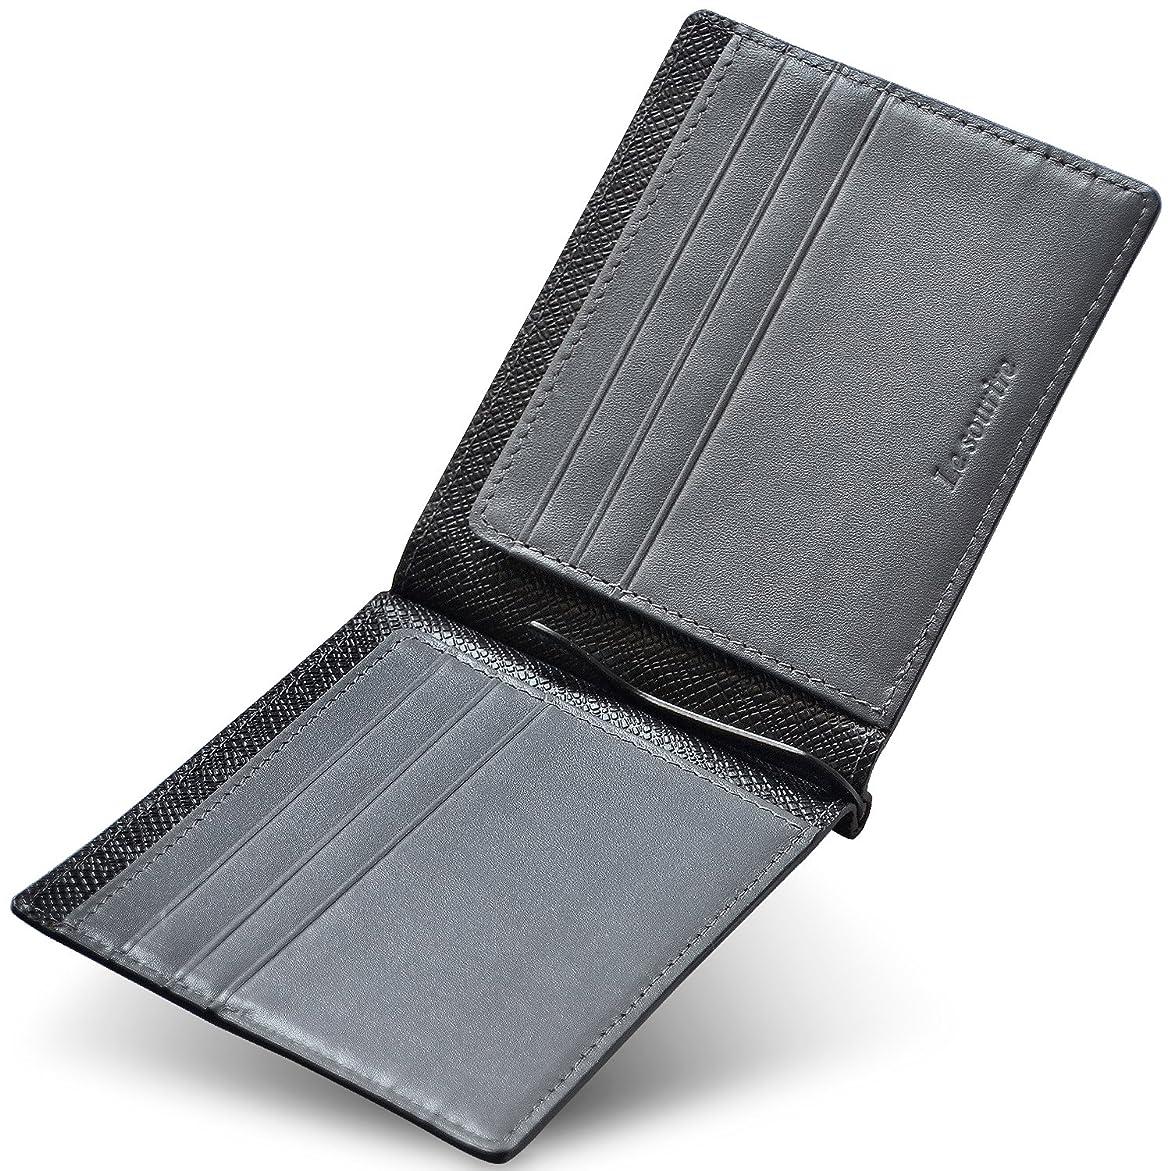 珍味殺人ブロンズ[ザ リッジ] the RIDGE【国内正規品】スマートフォンよりも薄い財布 マネークリップ アルミニウム